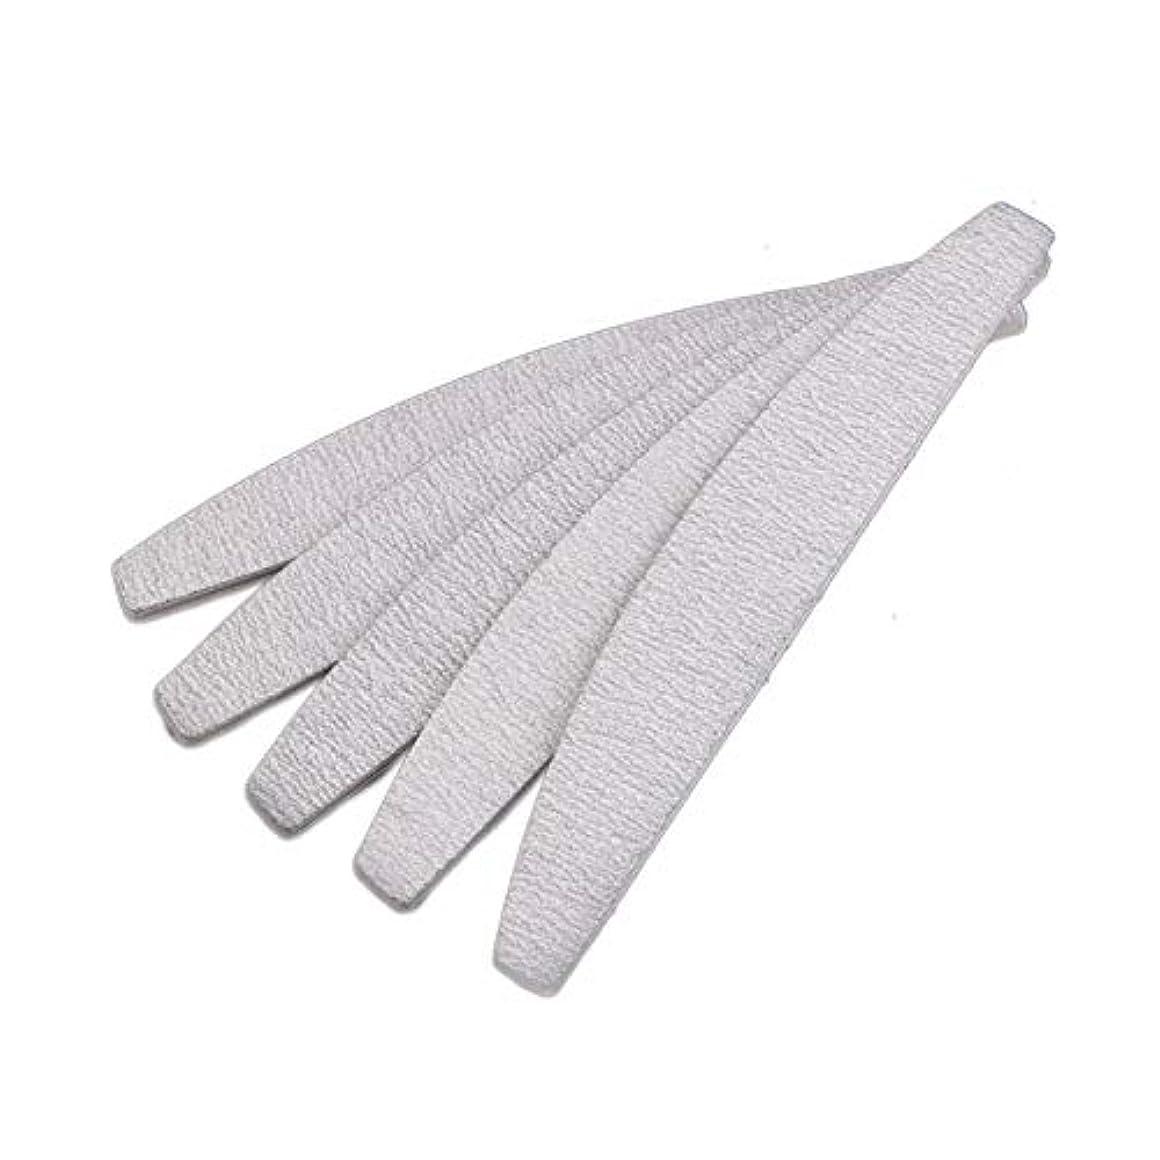 偽避けられない交じるSemoic 爪やすり ネイルファイル、D形、両面、灰白/オフホワイト、10個